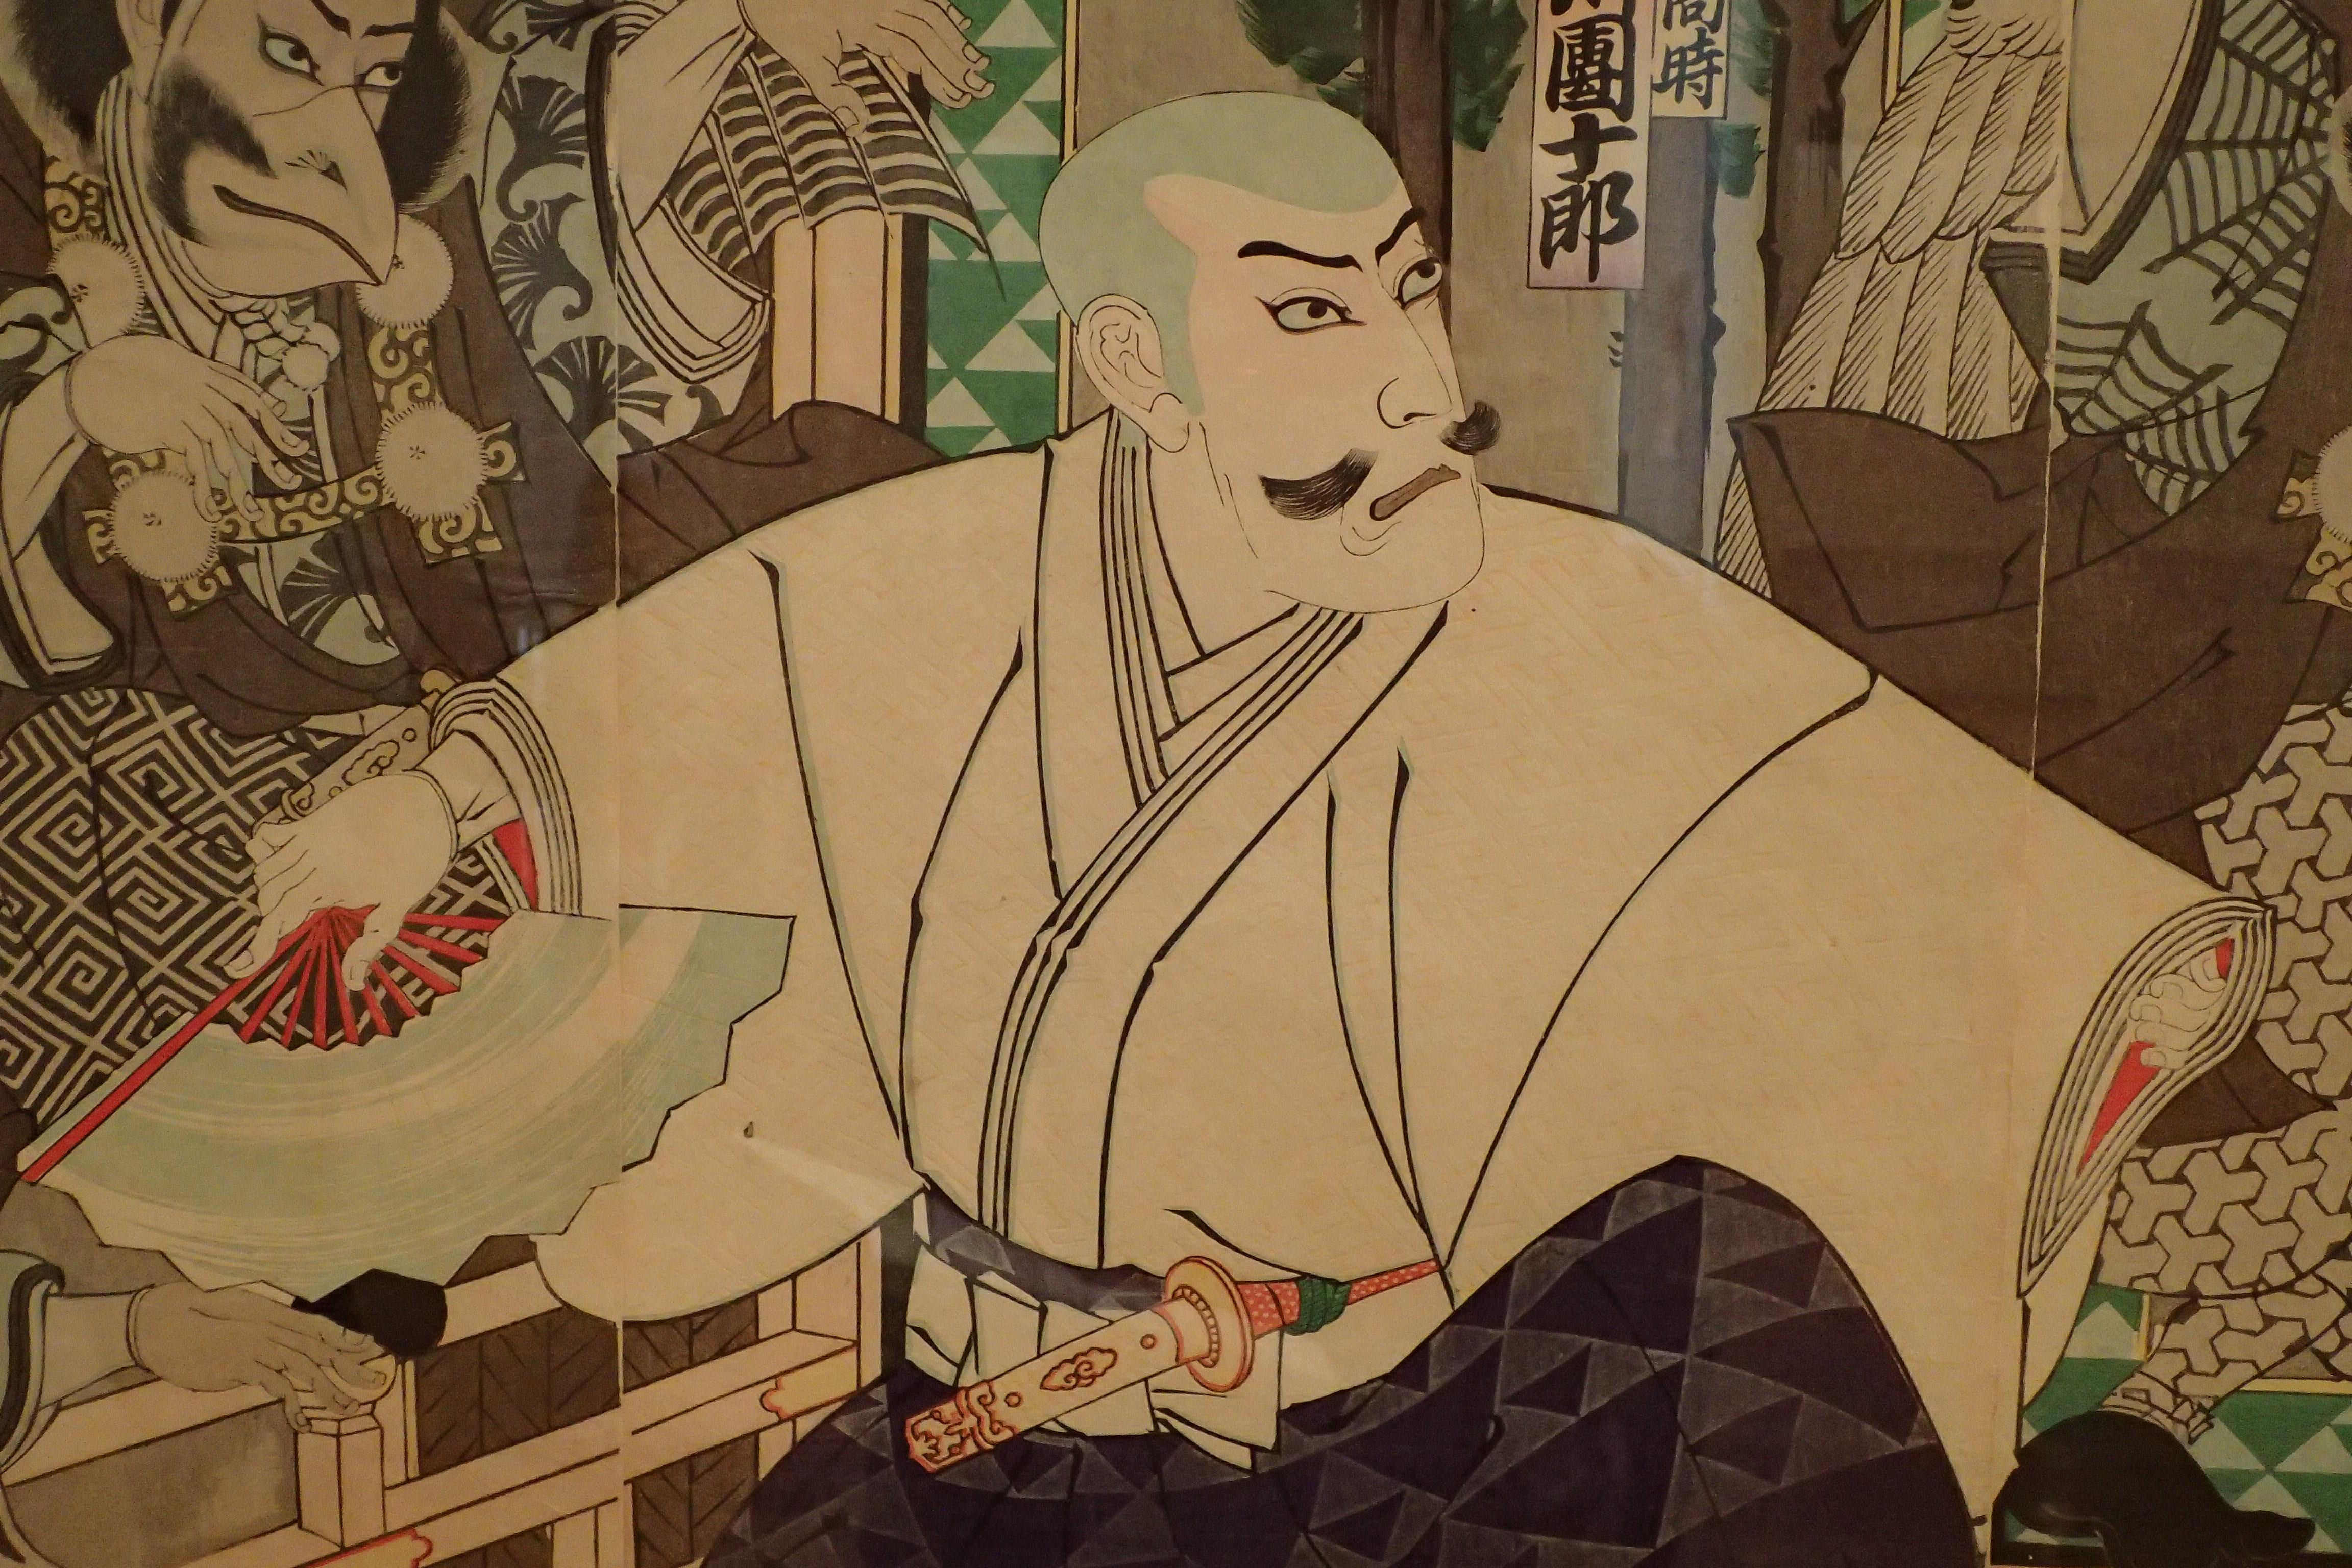 茅ヶ崎市美術館「浮世絵・新版画」展にいってきました